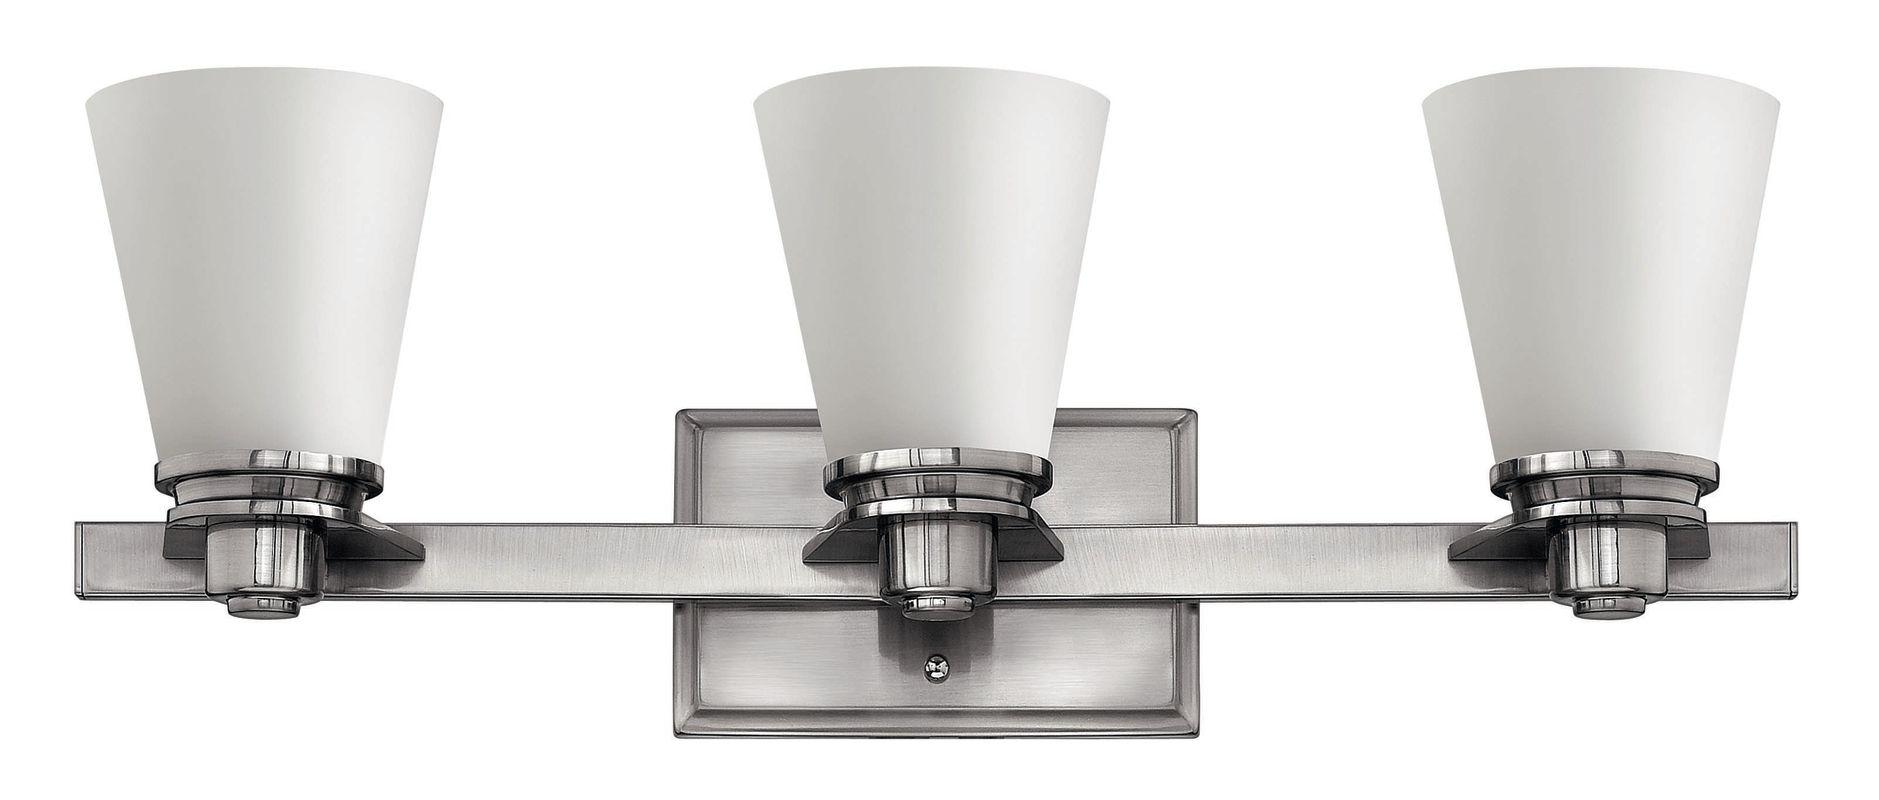 Hinkley Lighting 5553 3 Light Bathroom Vanity Light from the Avon